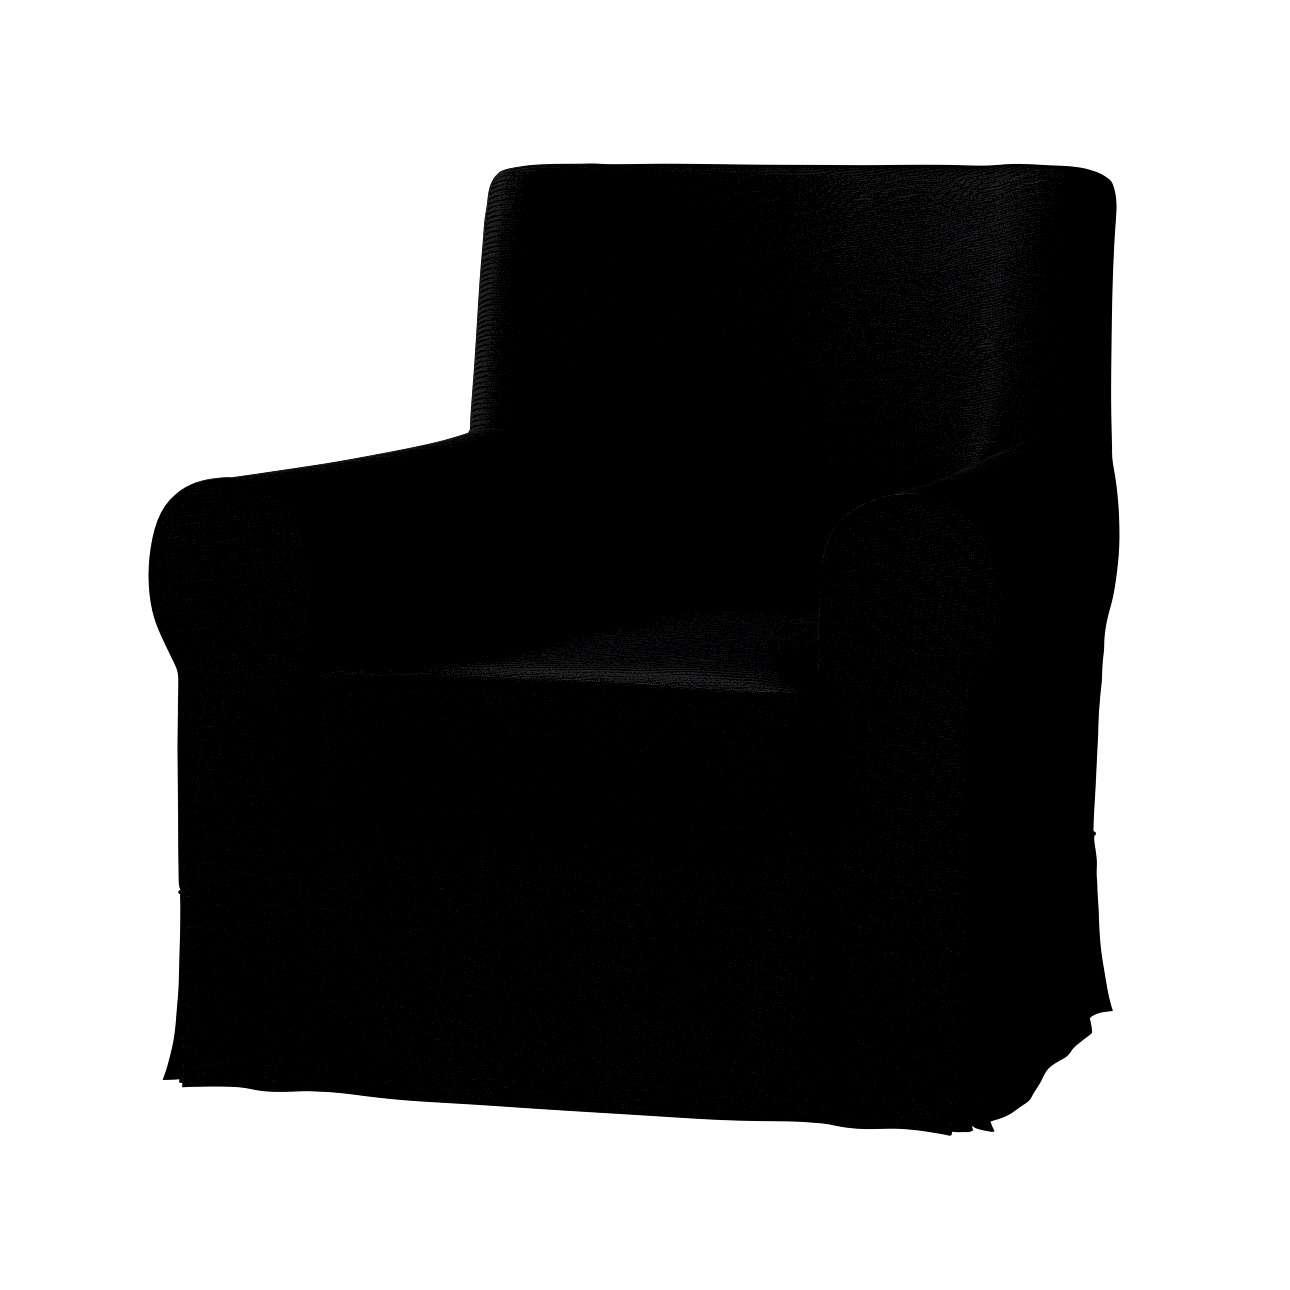 EKTORP JENNYLUND fotelio užvalkalas Ektorp Jennylund fotelio užvalkalas kolekcijoje Etna , audinys: 705-00